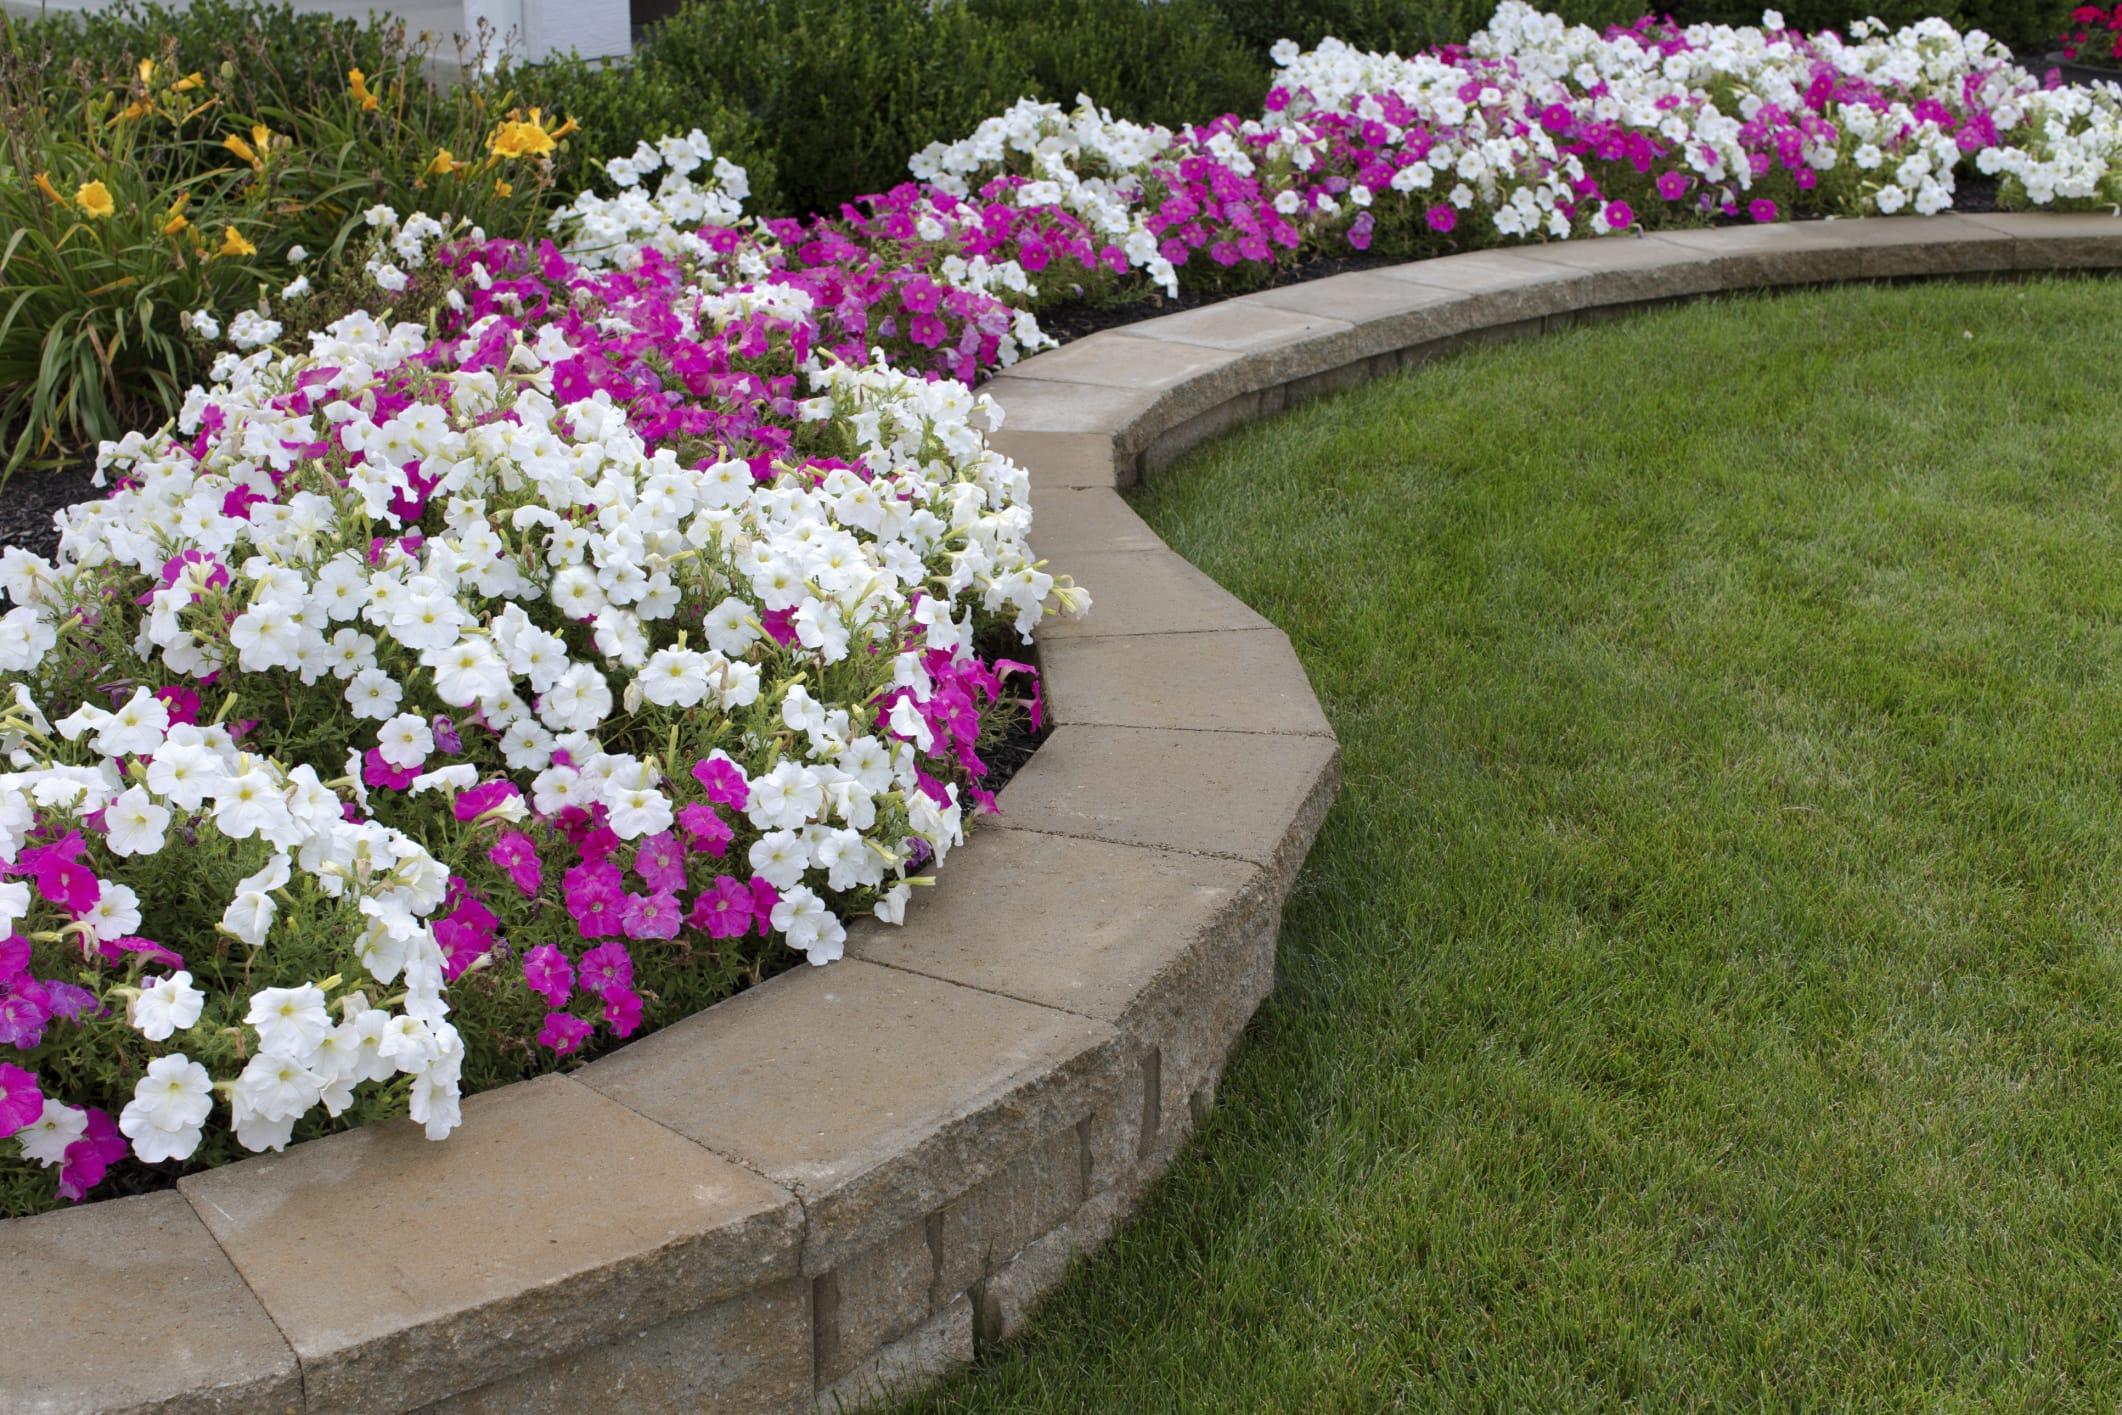 giardino ecosostenibile e contro gli sprechi: 5 consigli utili ... - Come Fare Un Giardino